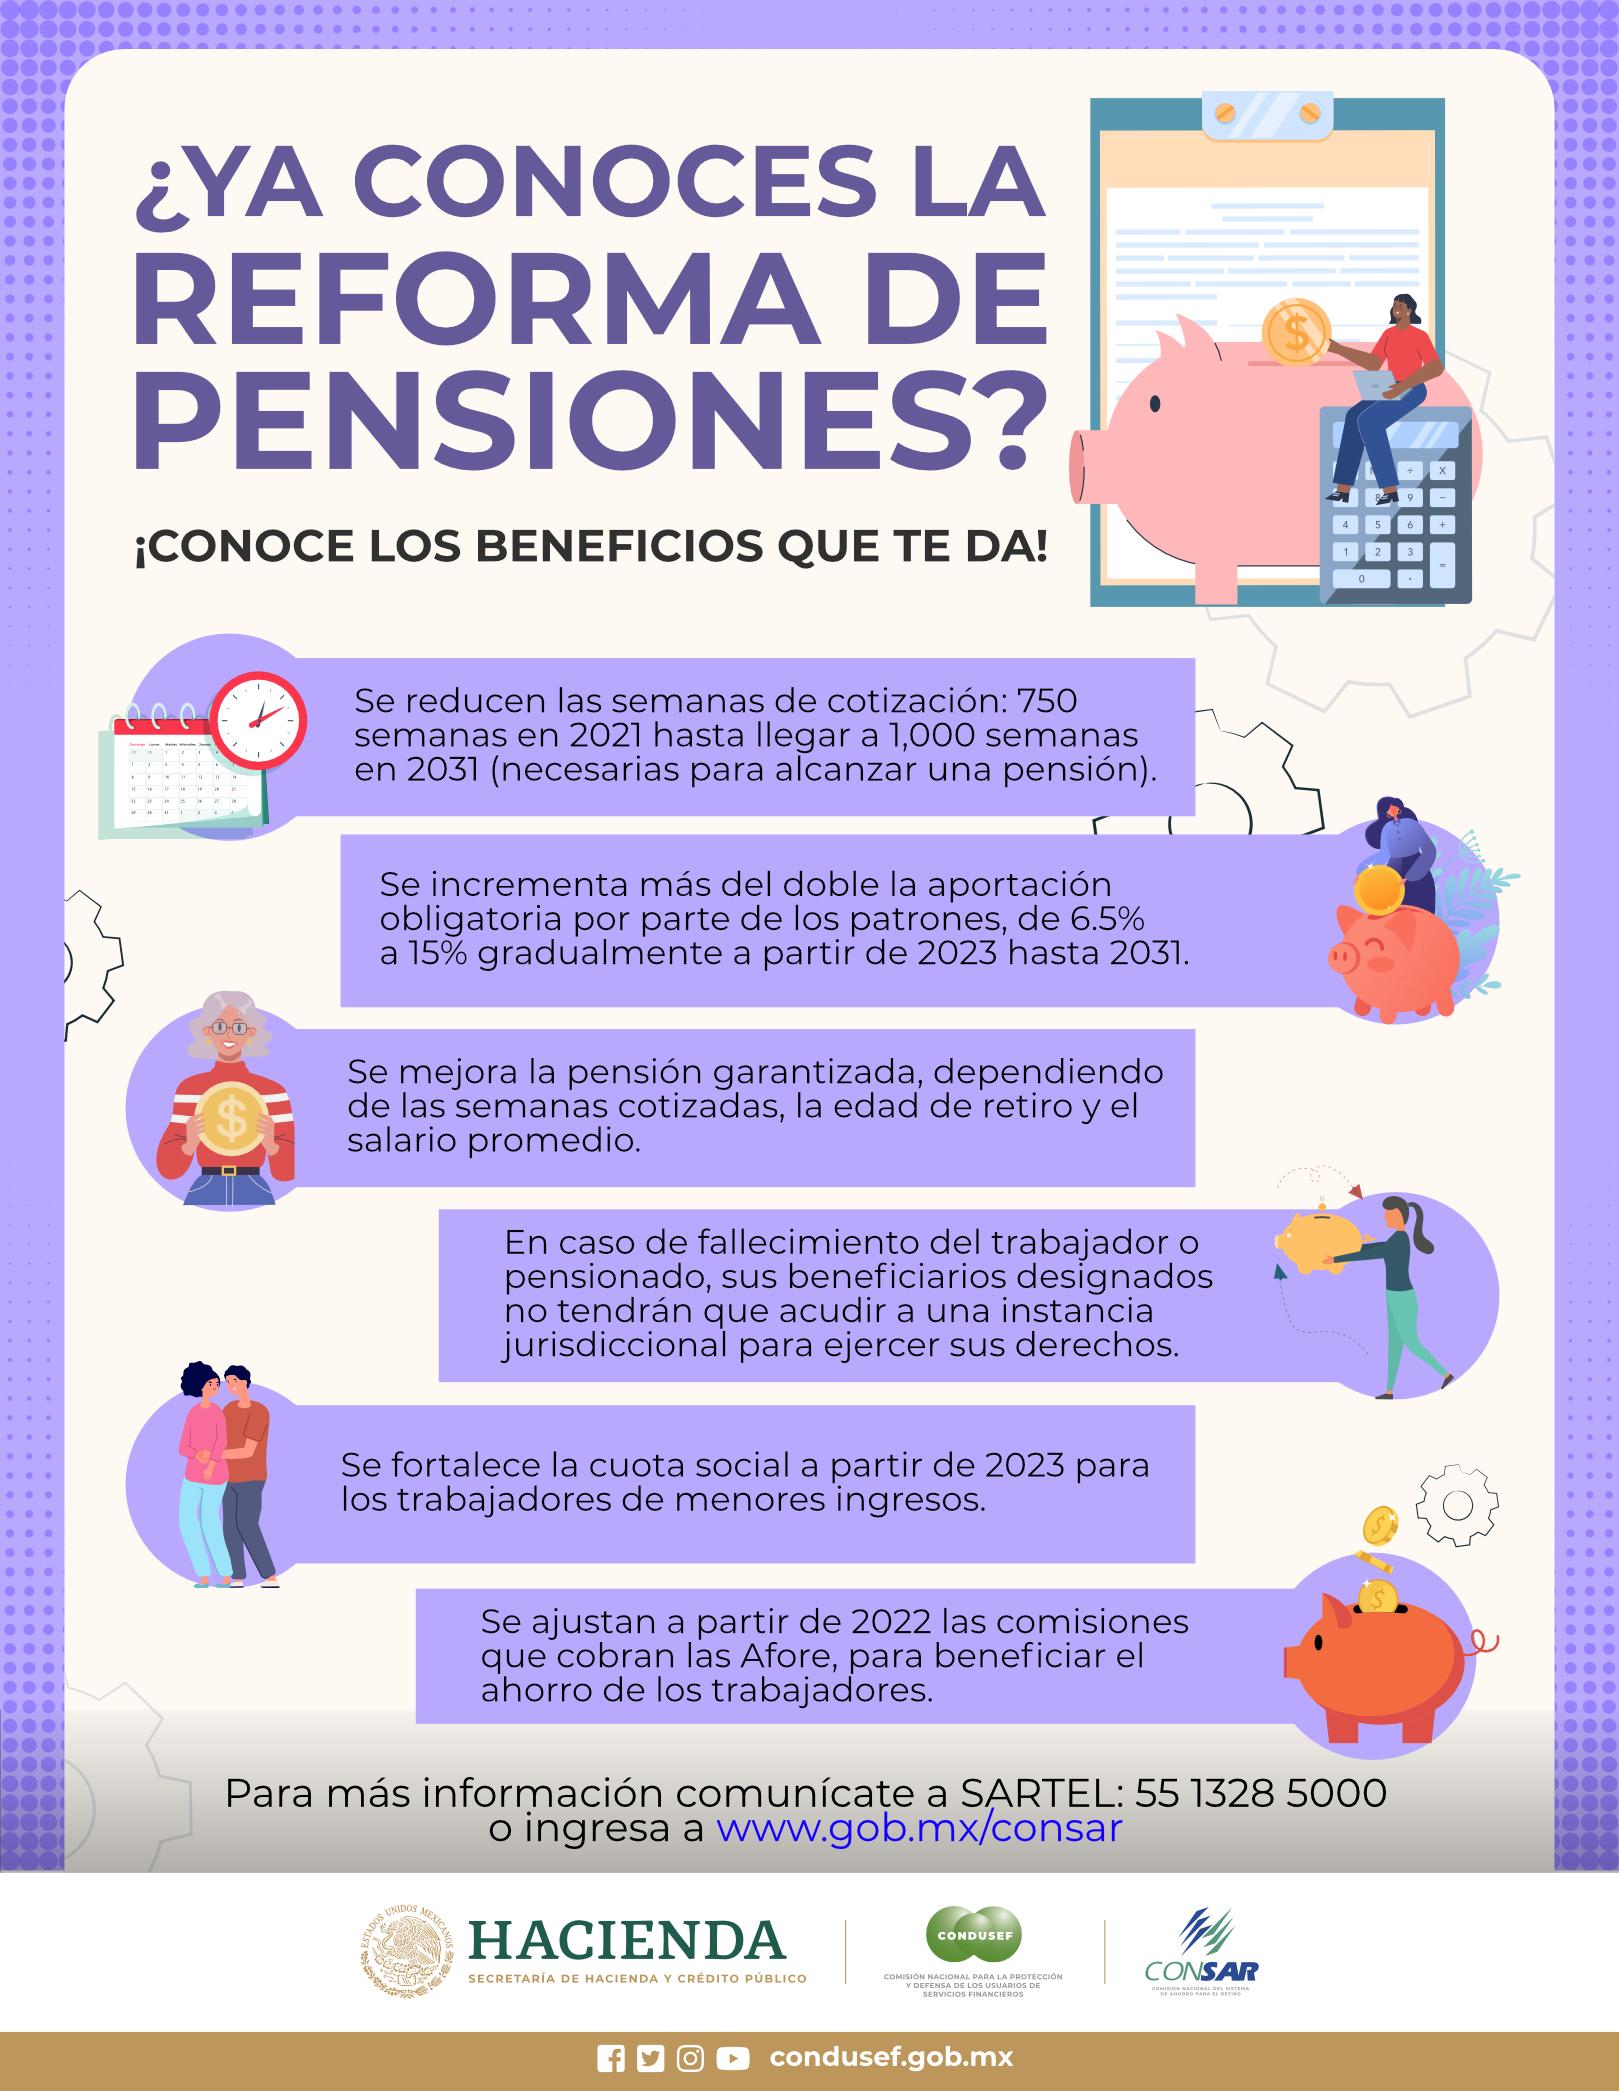 ¿Ya conoces la reforma de pensiones?